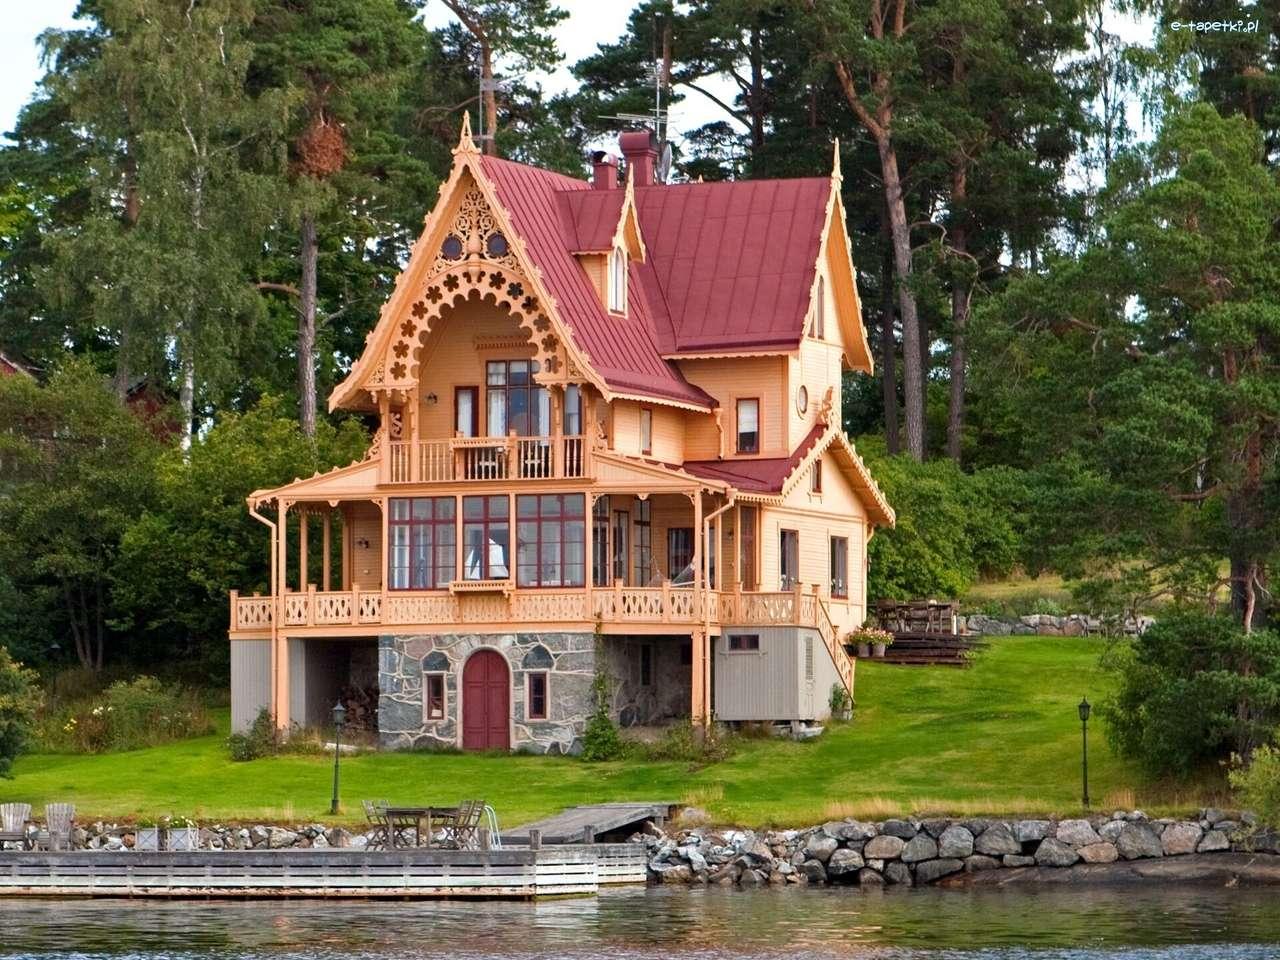 dřevěný dům u řeky - m (13×10)